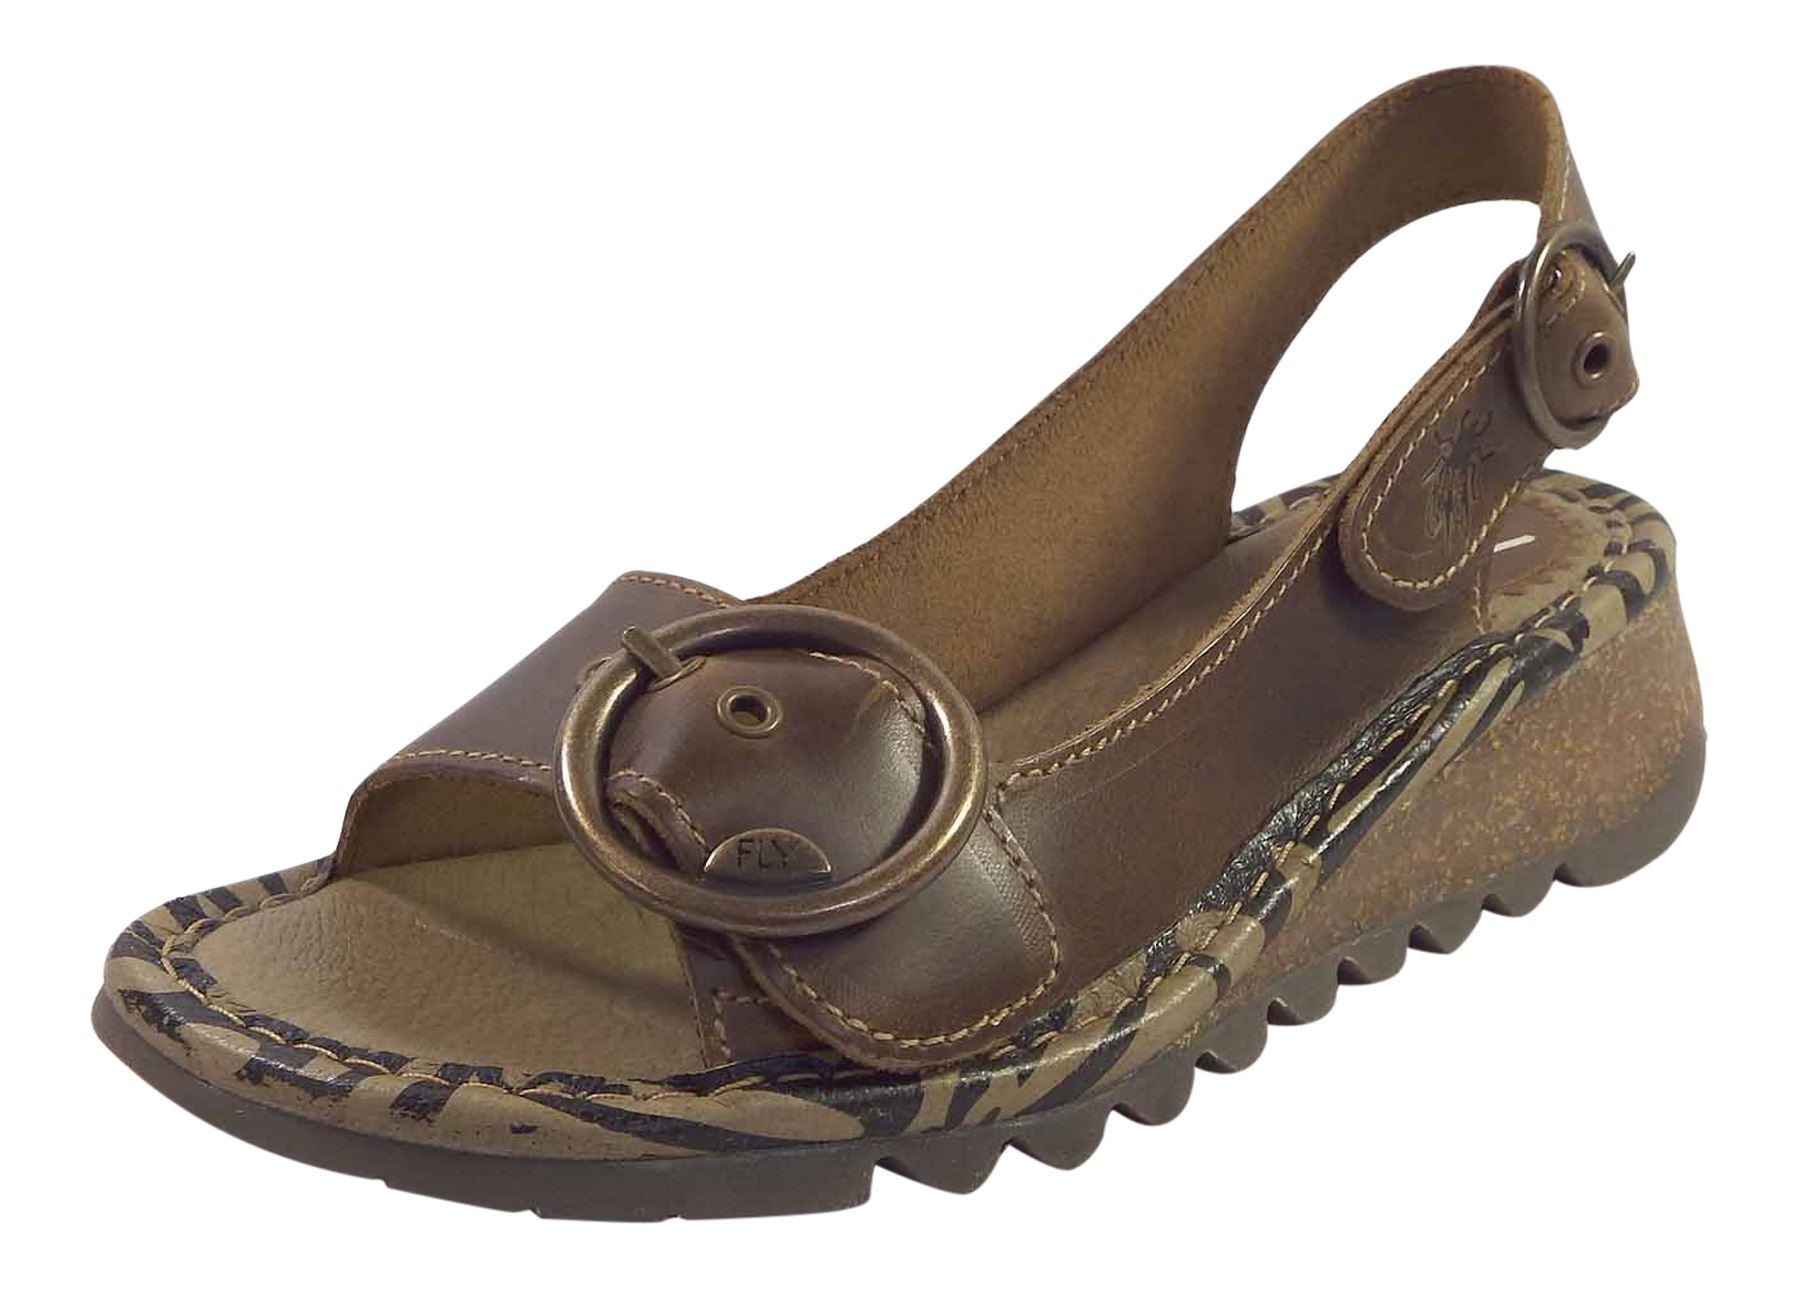 Fly London Ladies Tram723 Wedge Slingback Summer Sandals